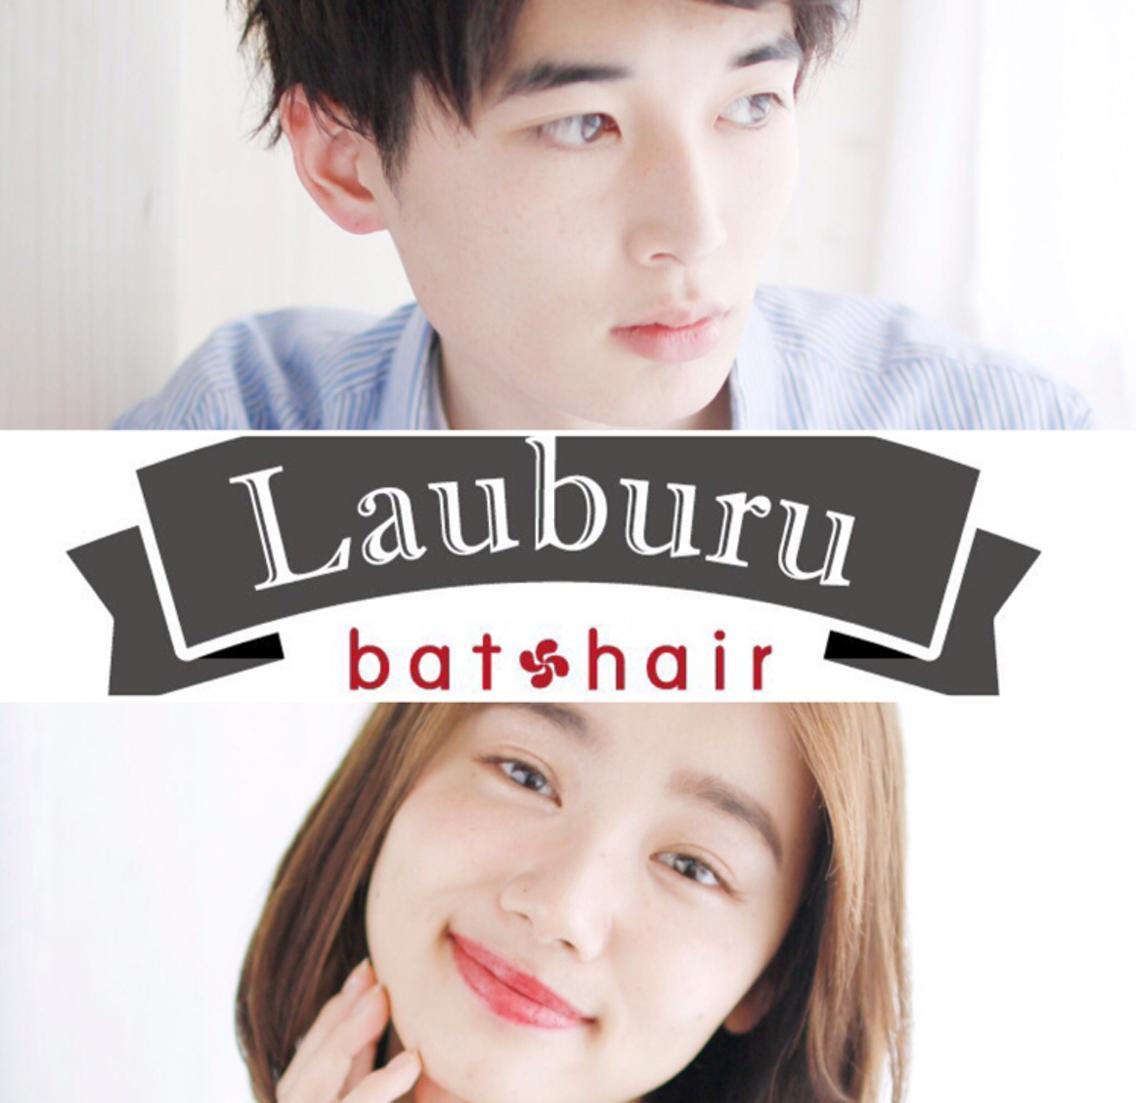 Lauburubat.hair渋谷2号店所属・アサオカカズキの掲載